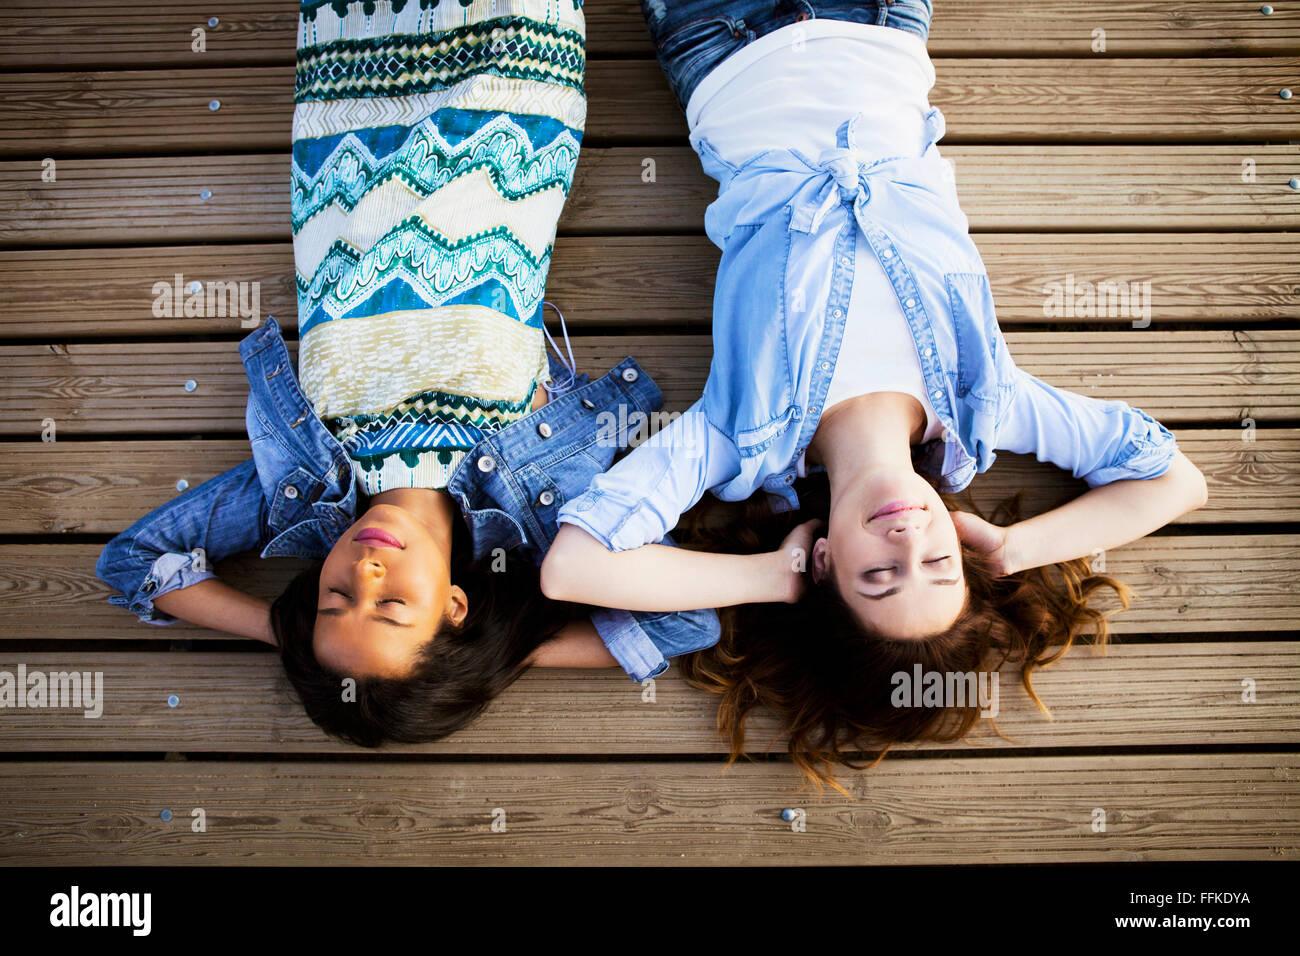 Zwei Frauen auf Rücken liegend mit Augen geschlossen Stockbild